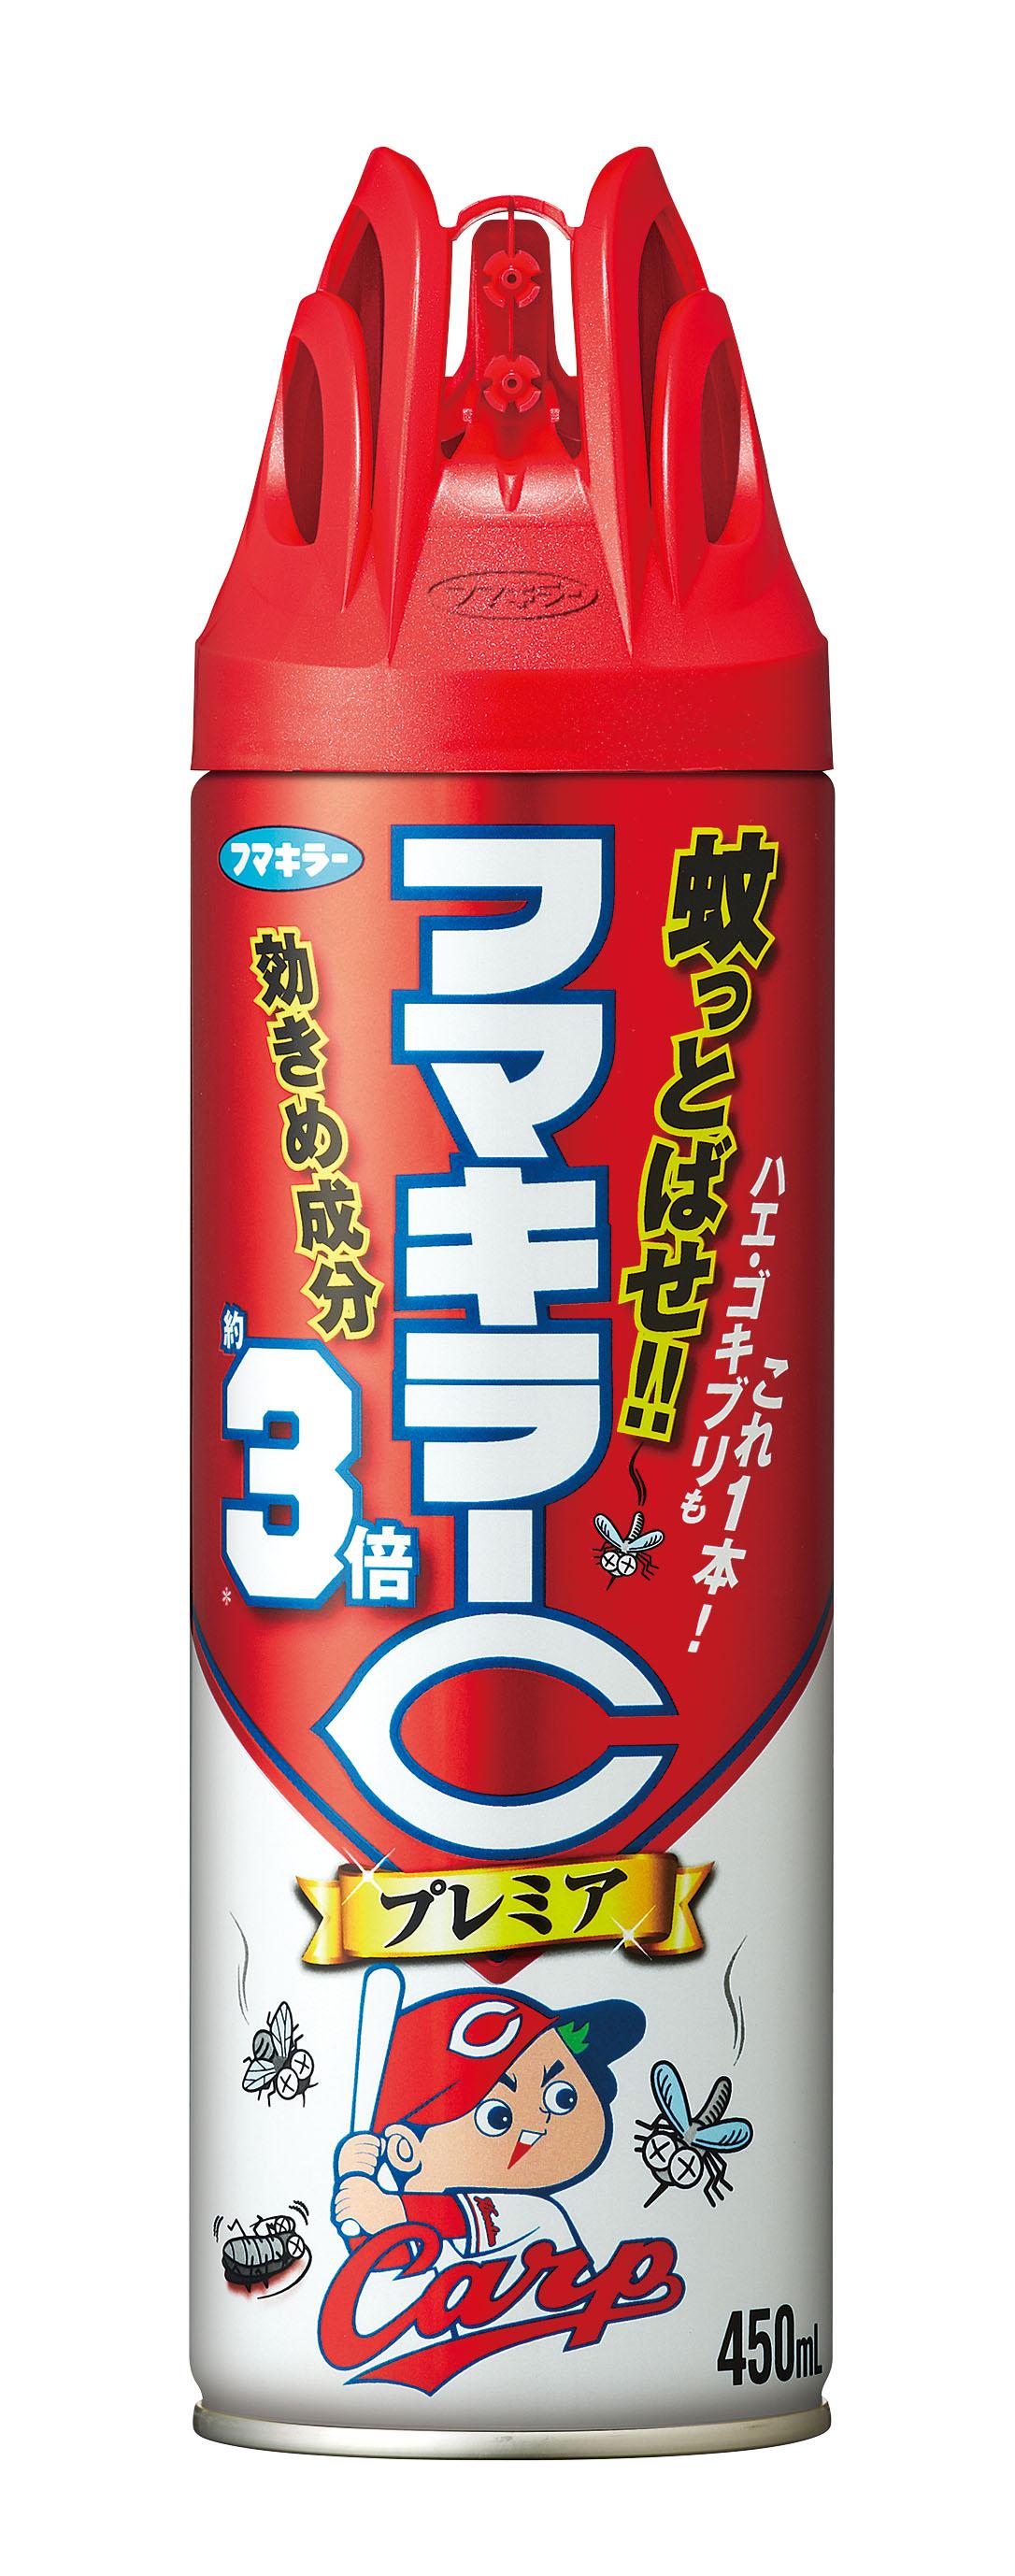 フマキラーCプレミア カープ 450ml 【防除用医薬部外品】